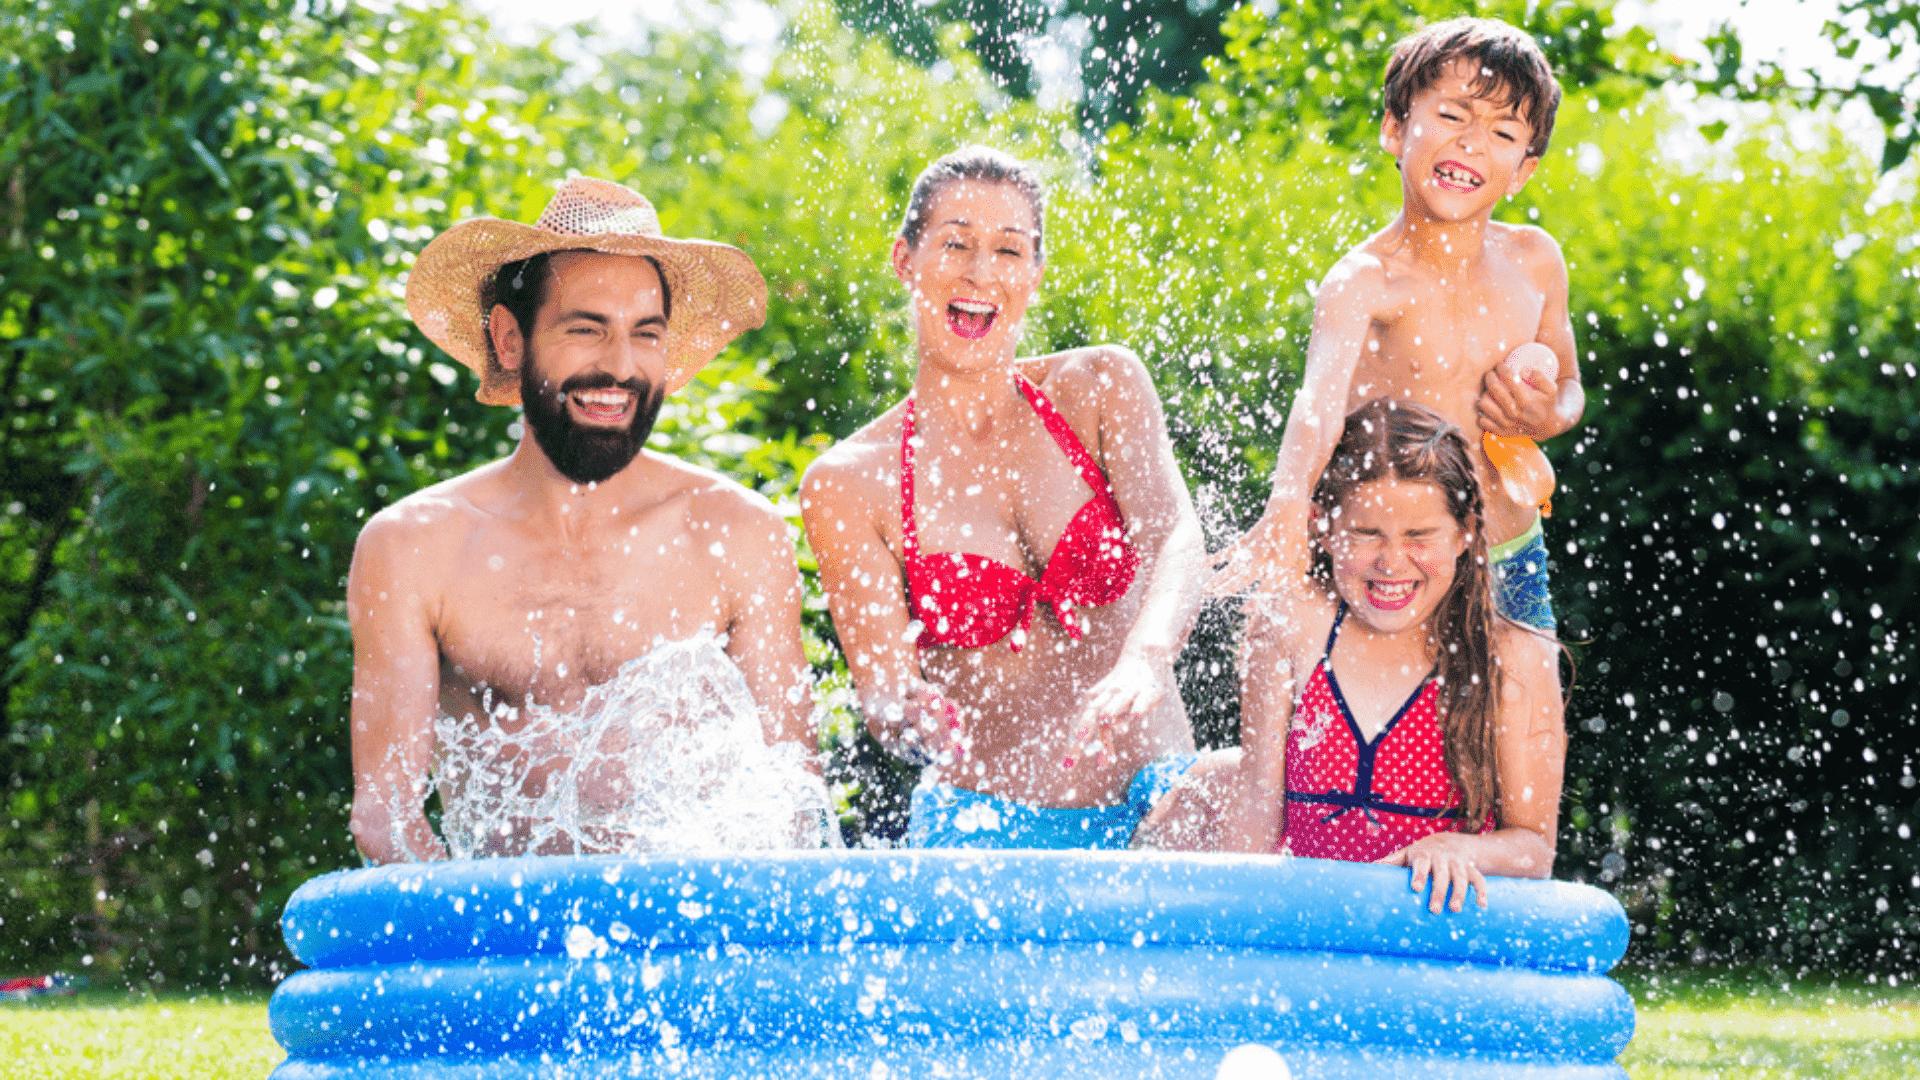 Pai, mãe e irmãos dentro de uma piscina inflável no jardim brincando num dia ensolarado